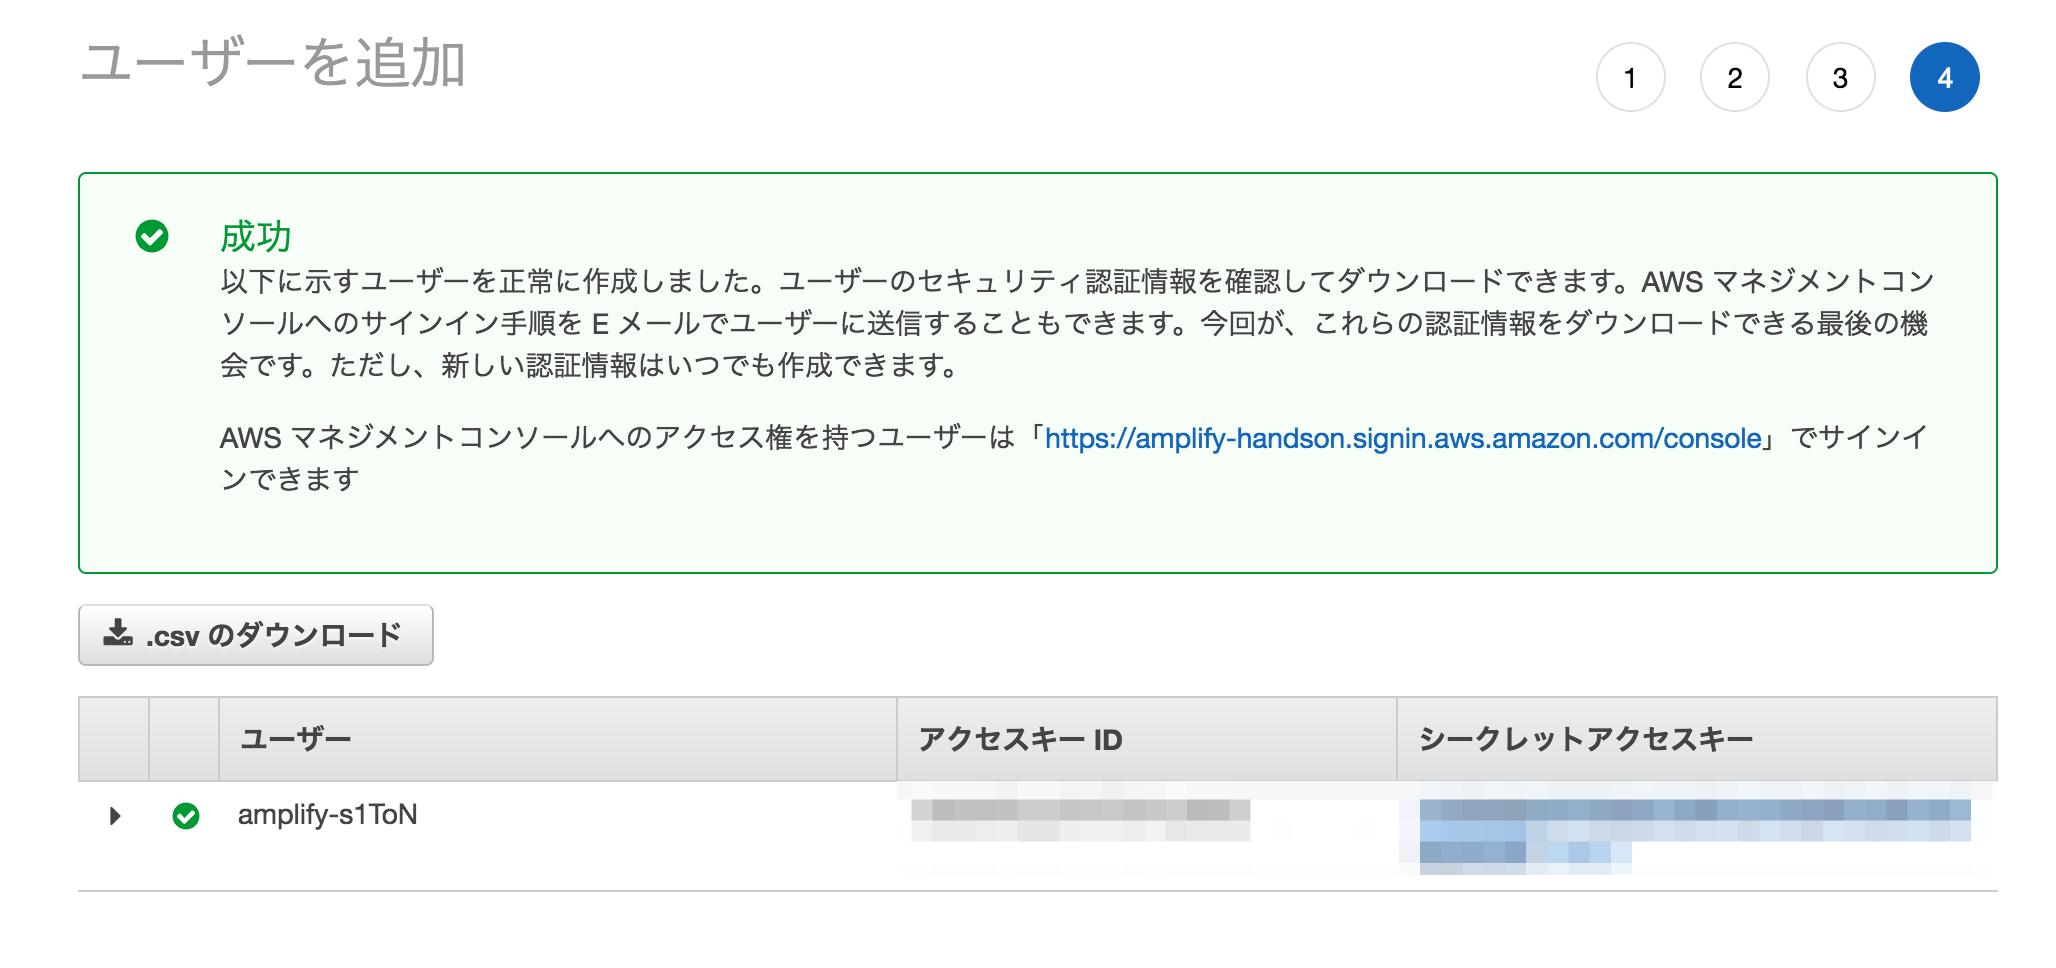 AWS Amplify を使って React クライアントから AppSync に認証